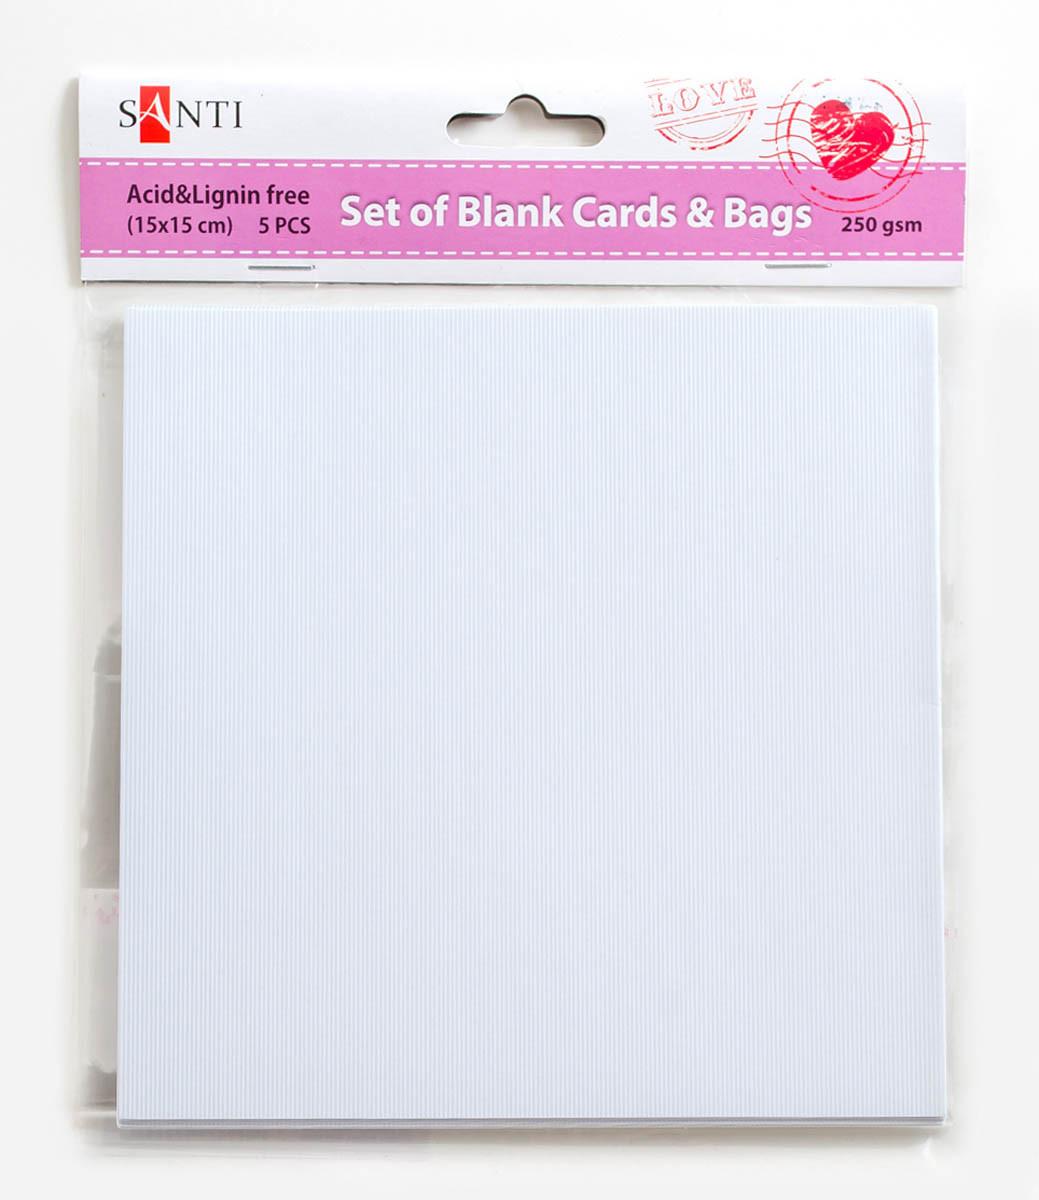 Набор белых текстурированных заготовок для открыток, 15см*15см, 250г/м2, 5шт.